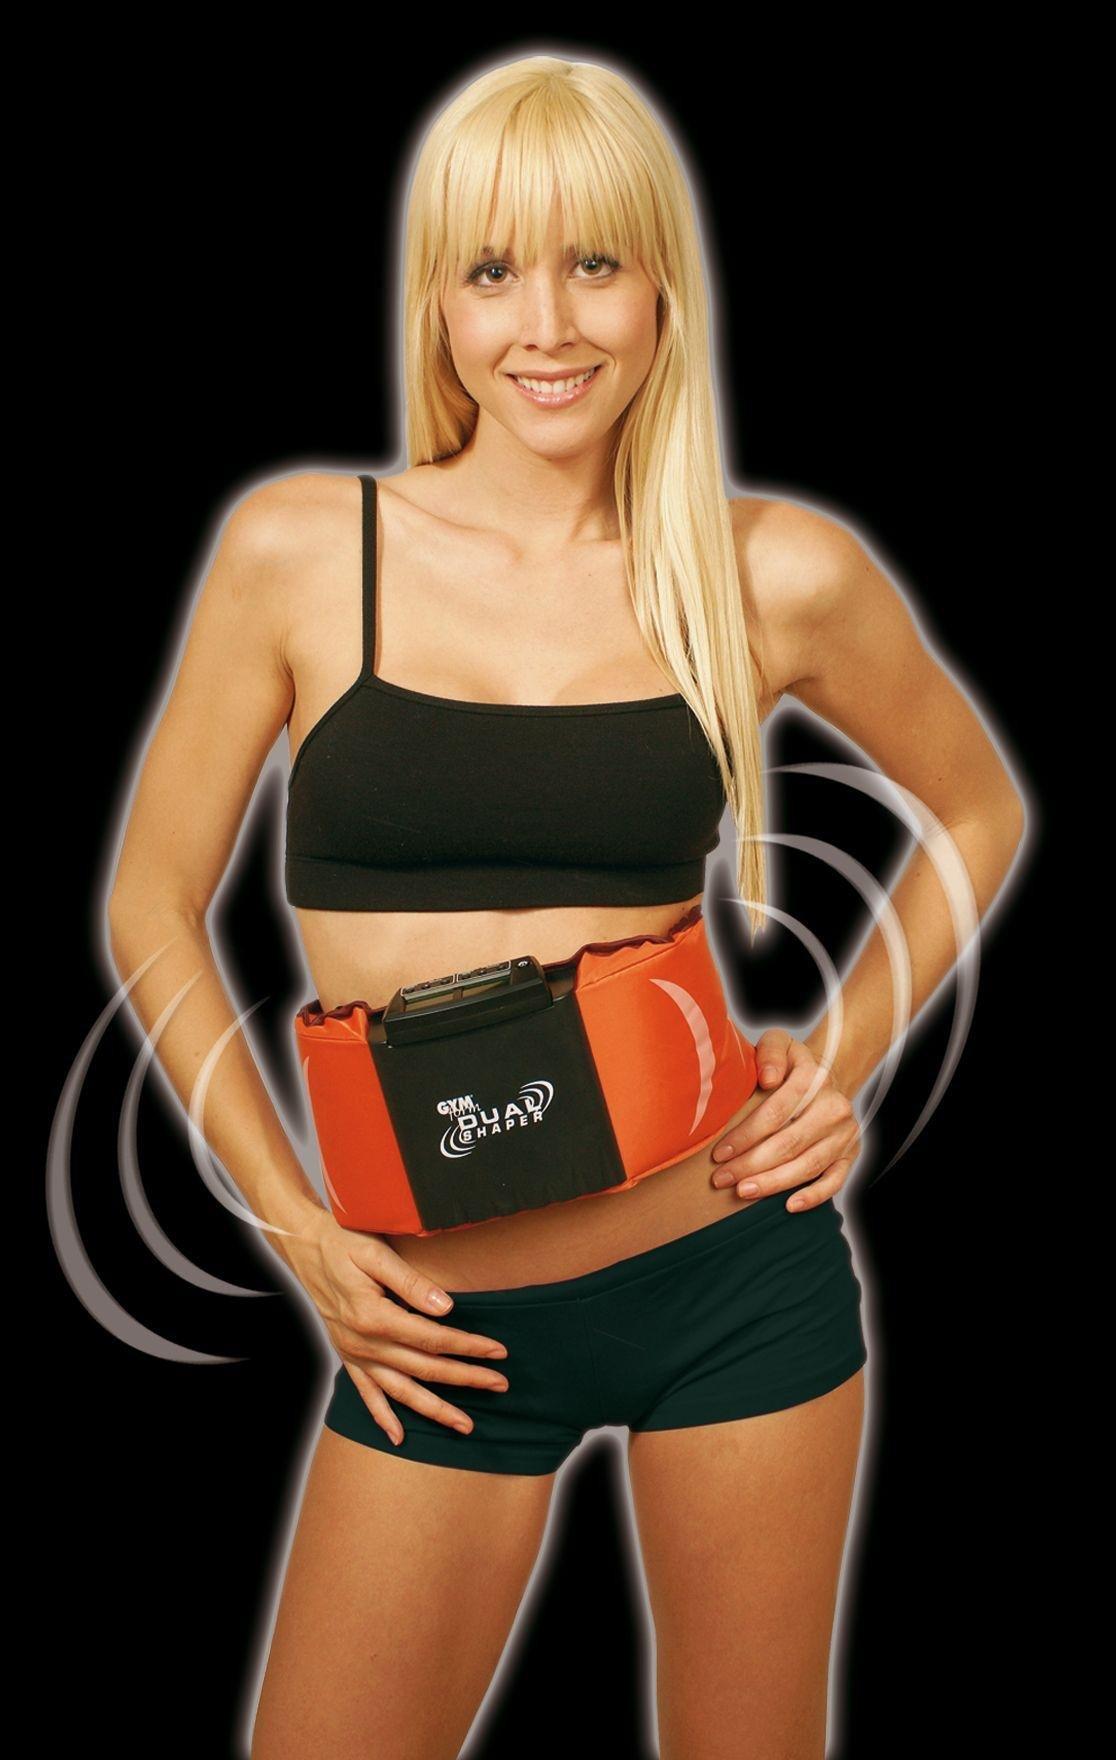 Image of Gymform - Dual Shaper Ab Toning System